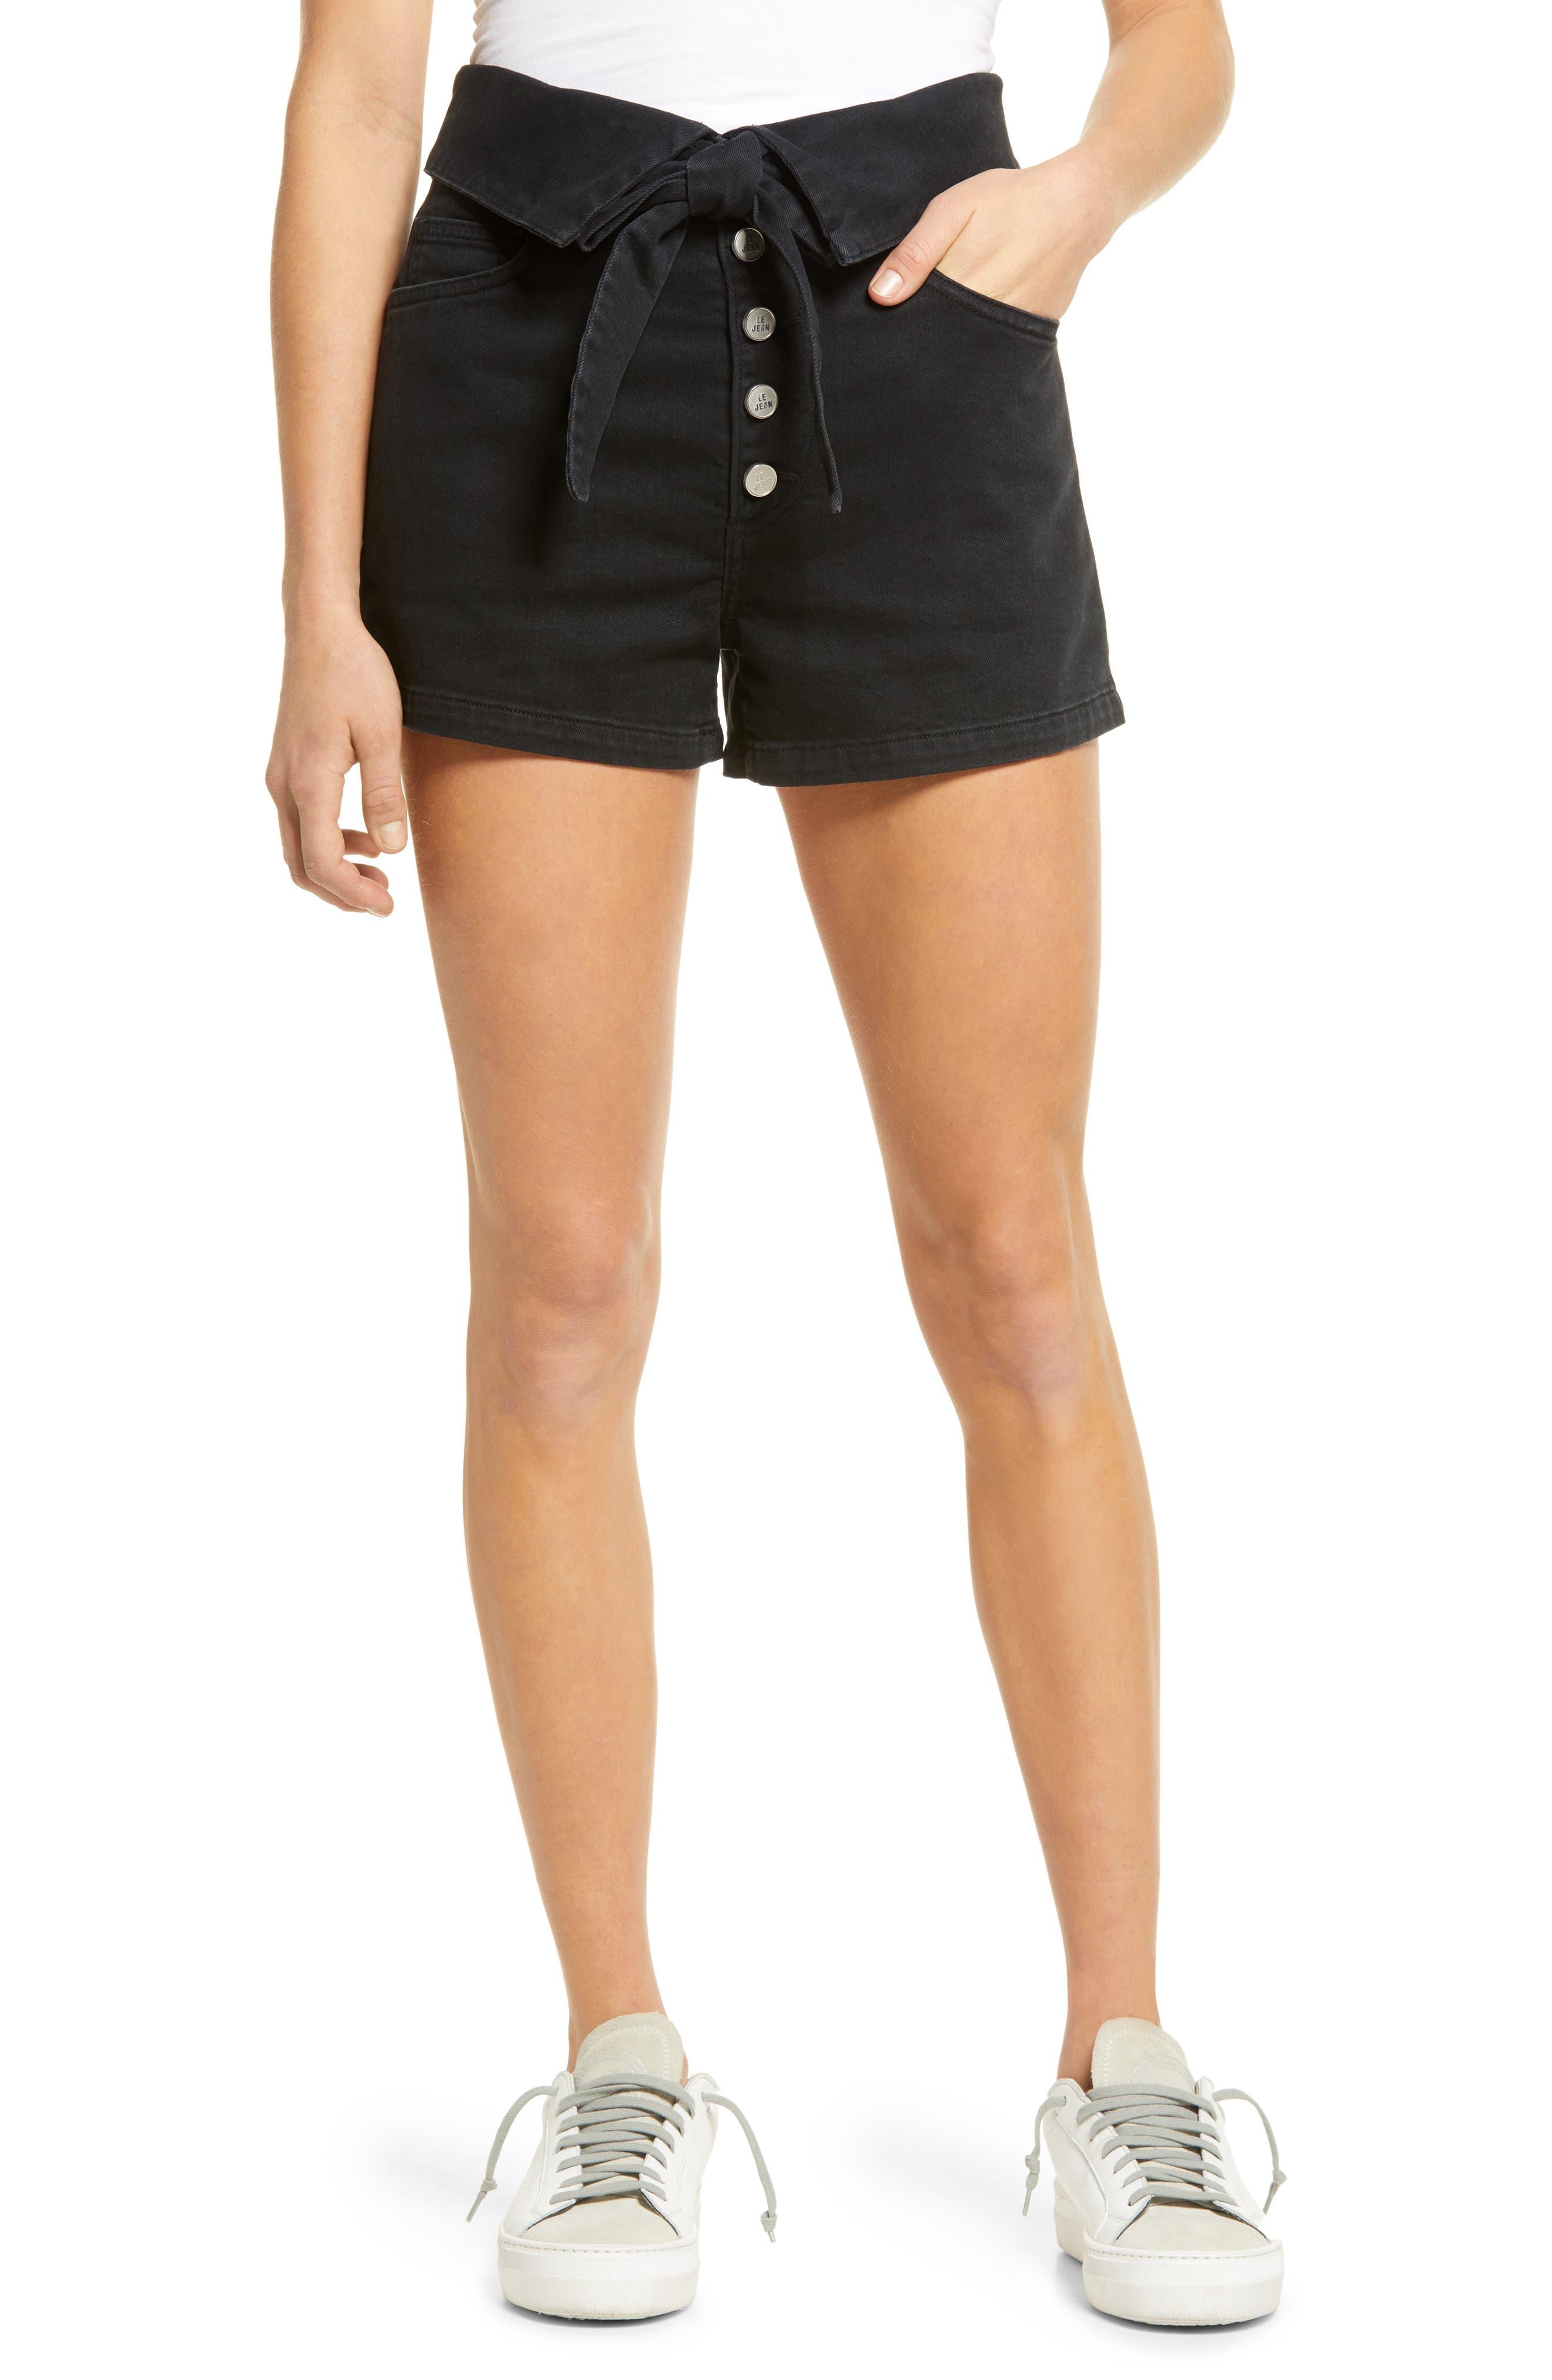 Lola High Waist Button Fly Denim Shorts